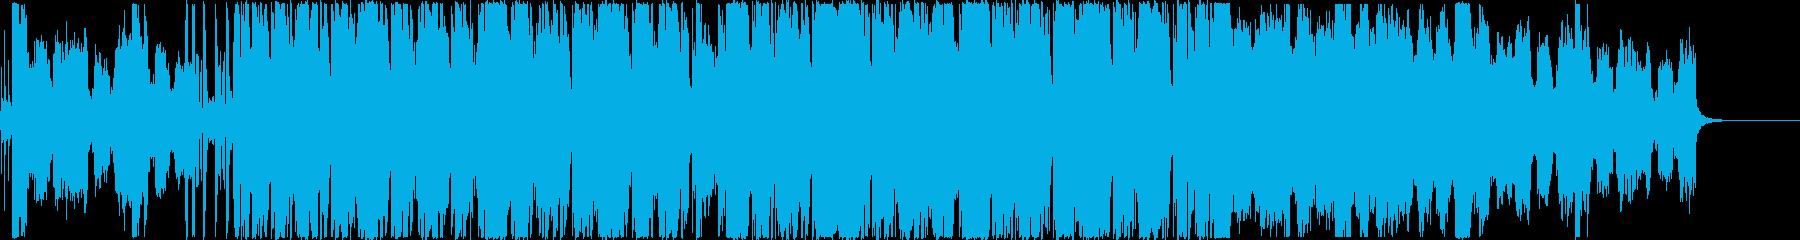 疾走感あるオーケストラのボス戦闘曲の再生済みの波形